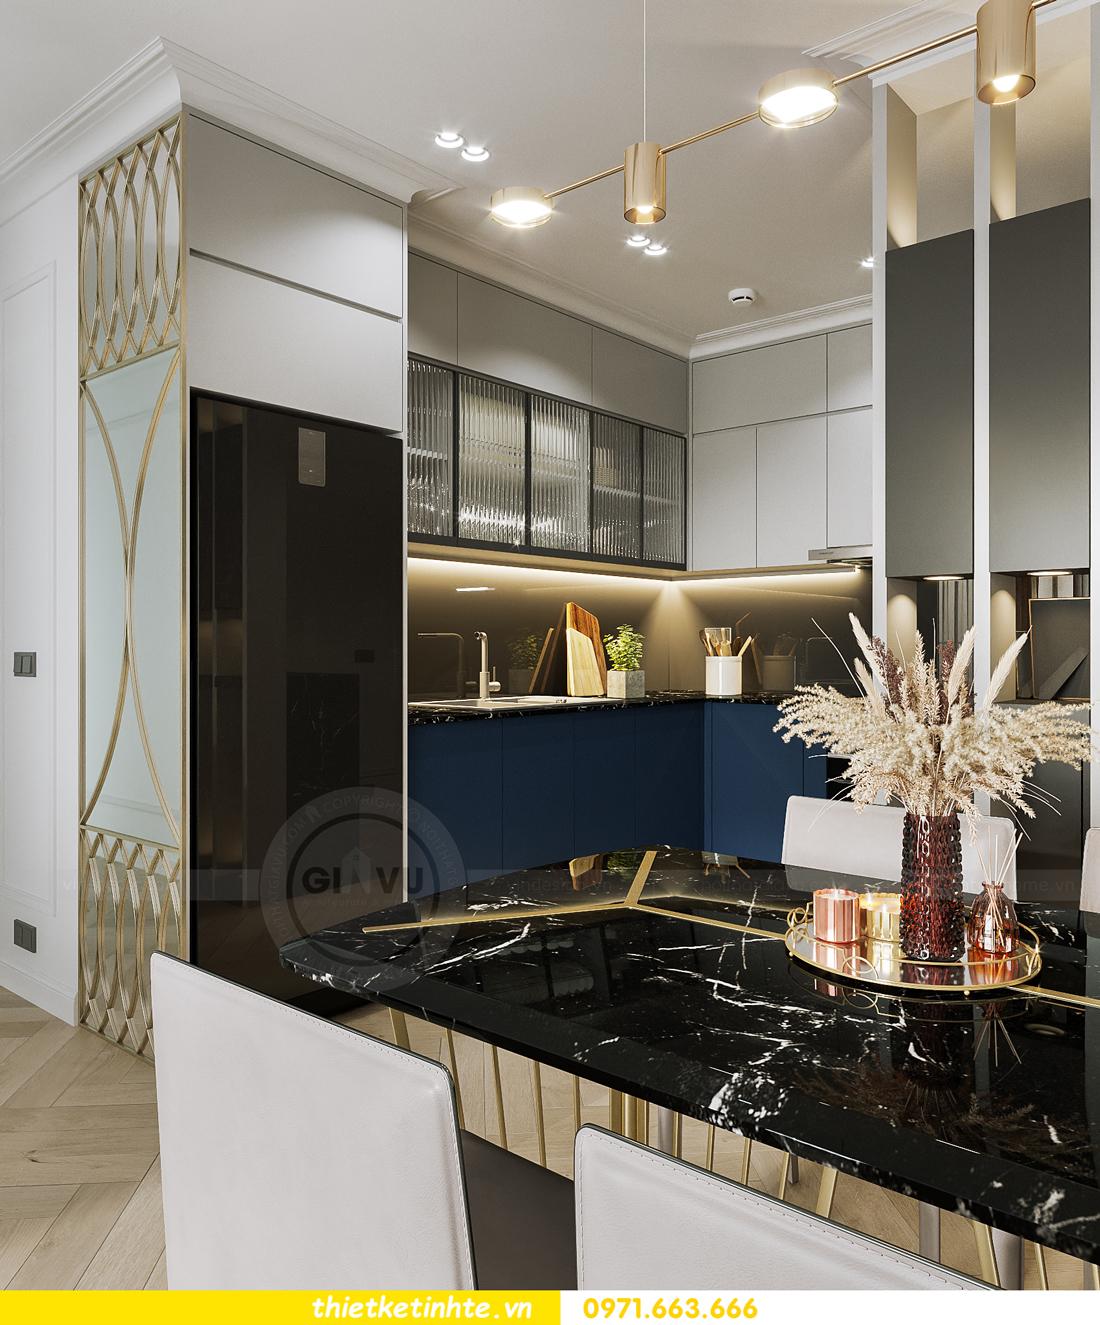 thiết kế nội thất chung cư Smart City tòa S102 căn 17 chị Hà 3